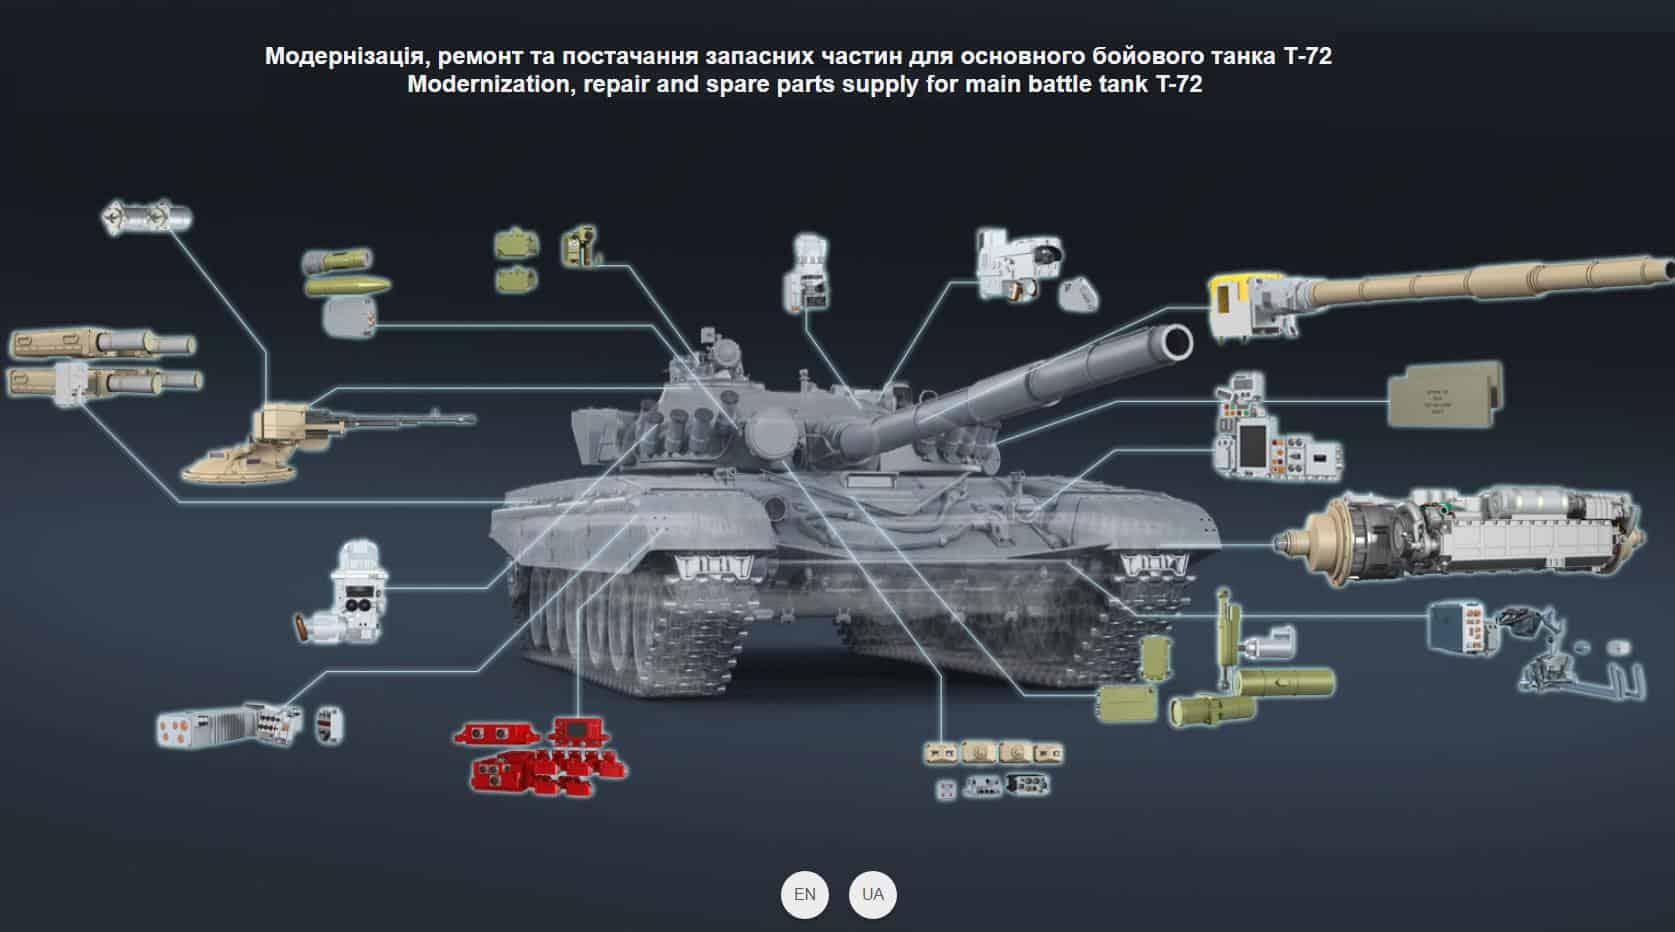 Модернізація, ремонт та постачання запасних частин для основного бойового танку Т-72